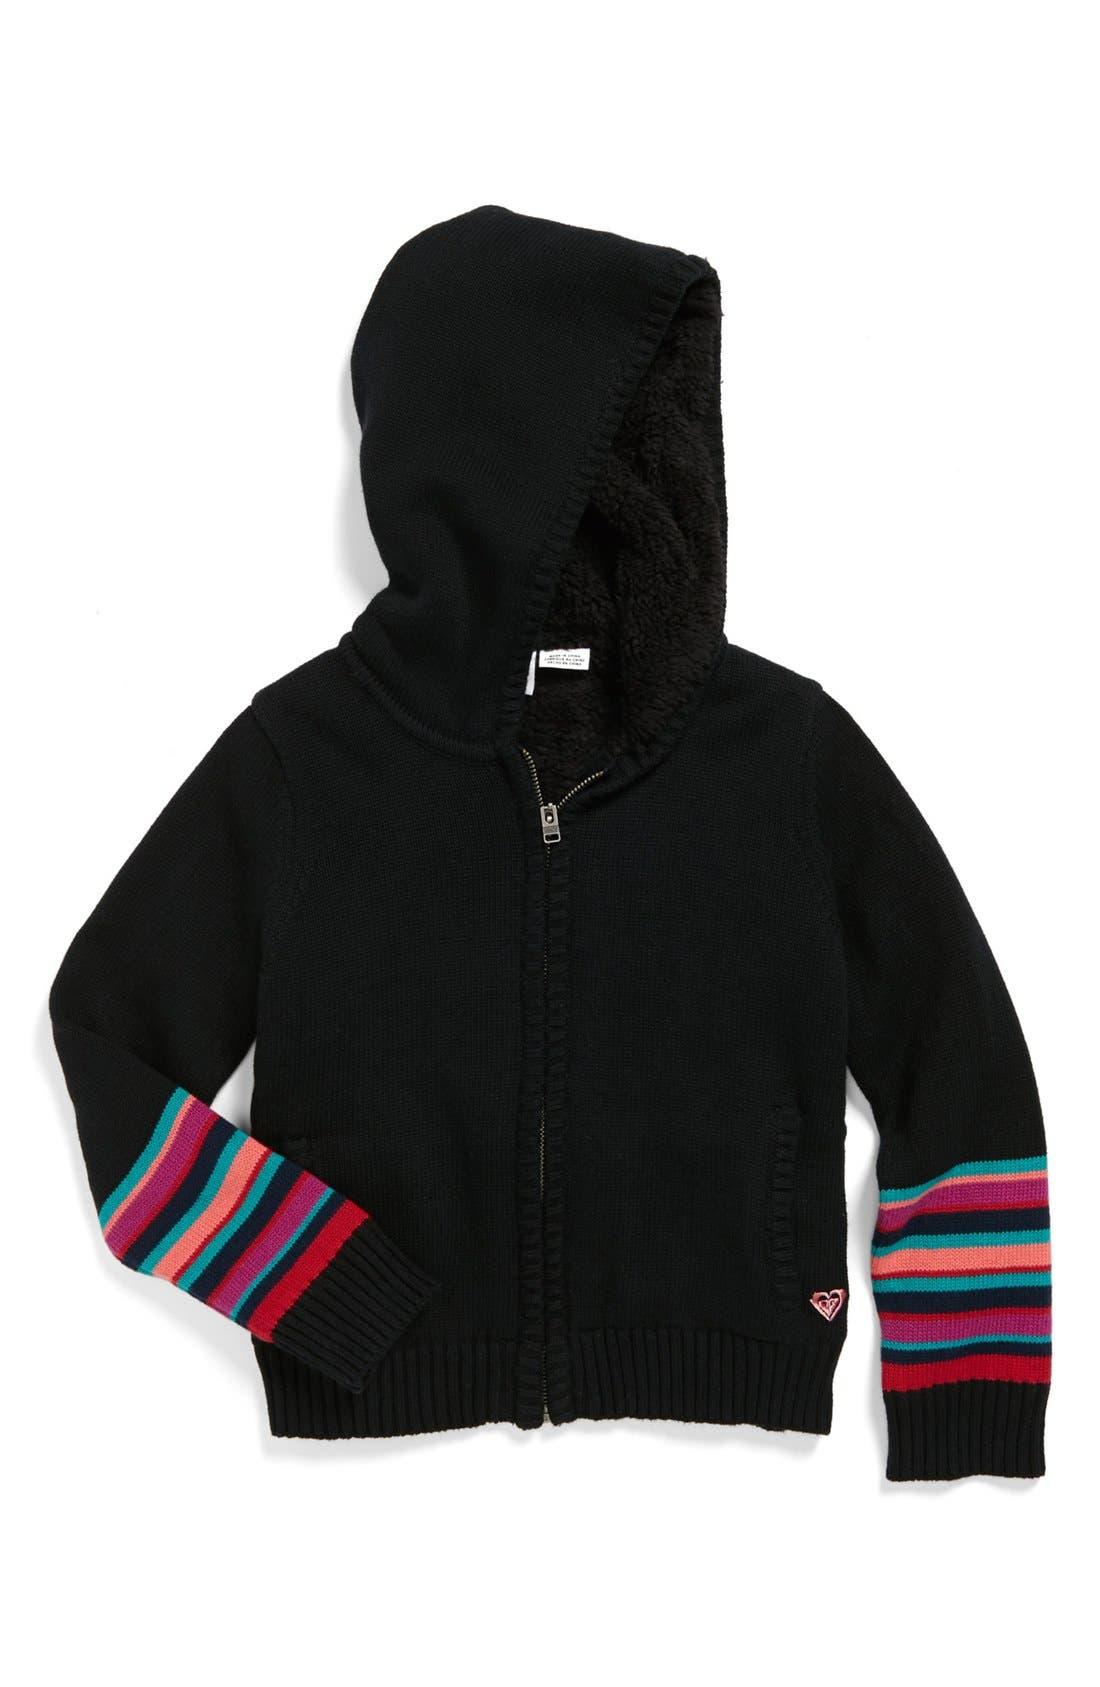 Main Image - Roxy 'Wild Awake' Full Zip Hoodie Sweater (Little Girls)